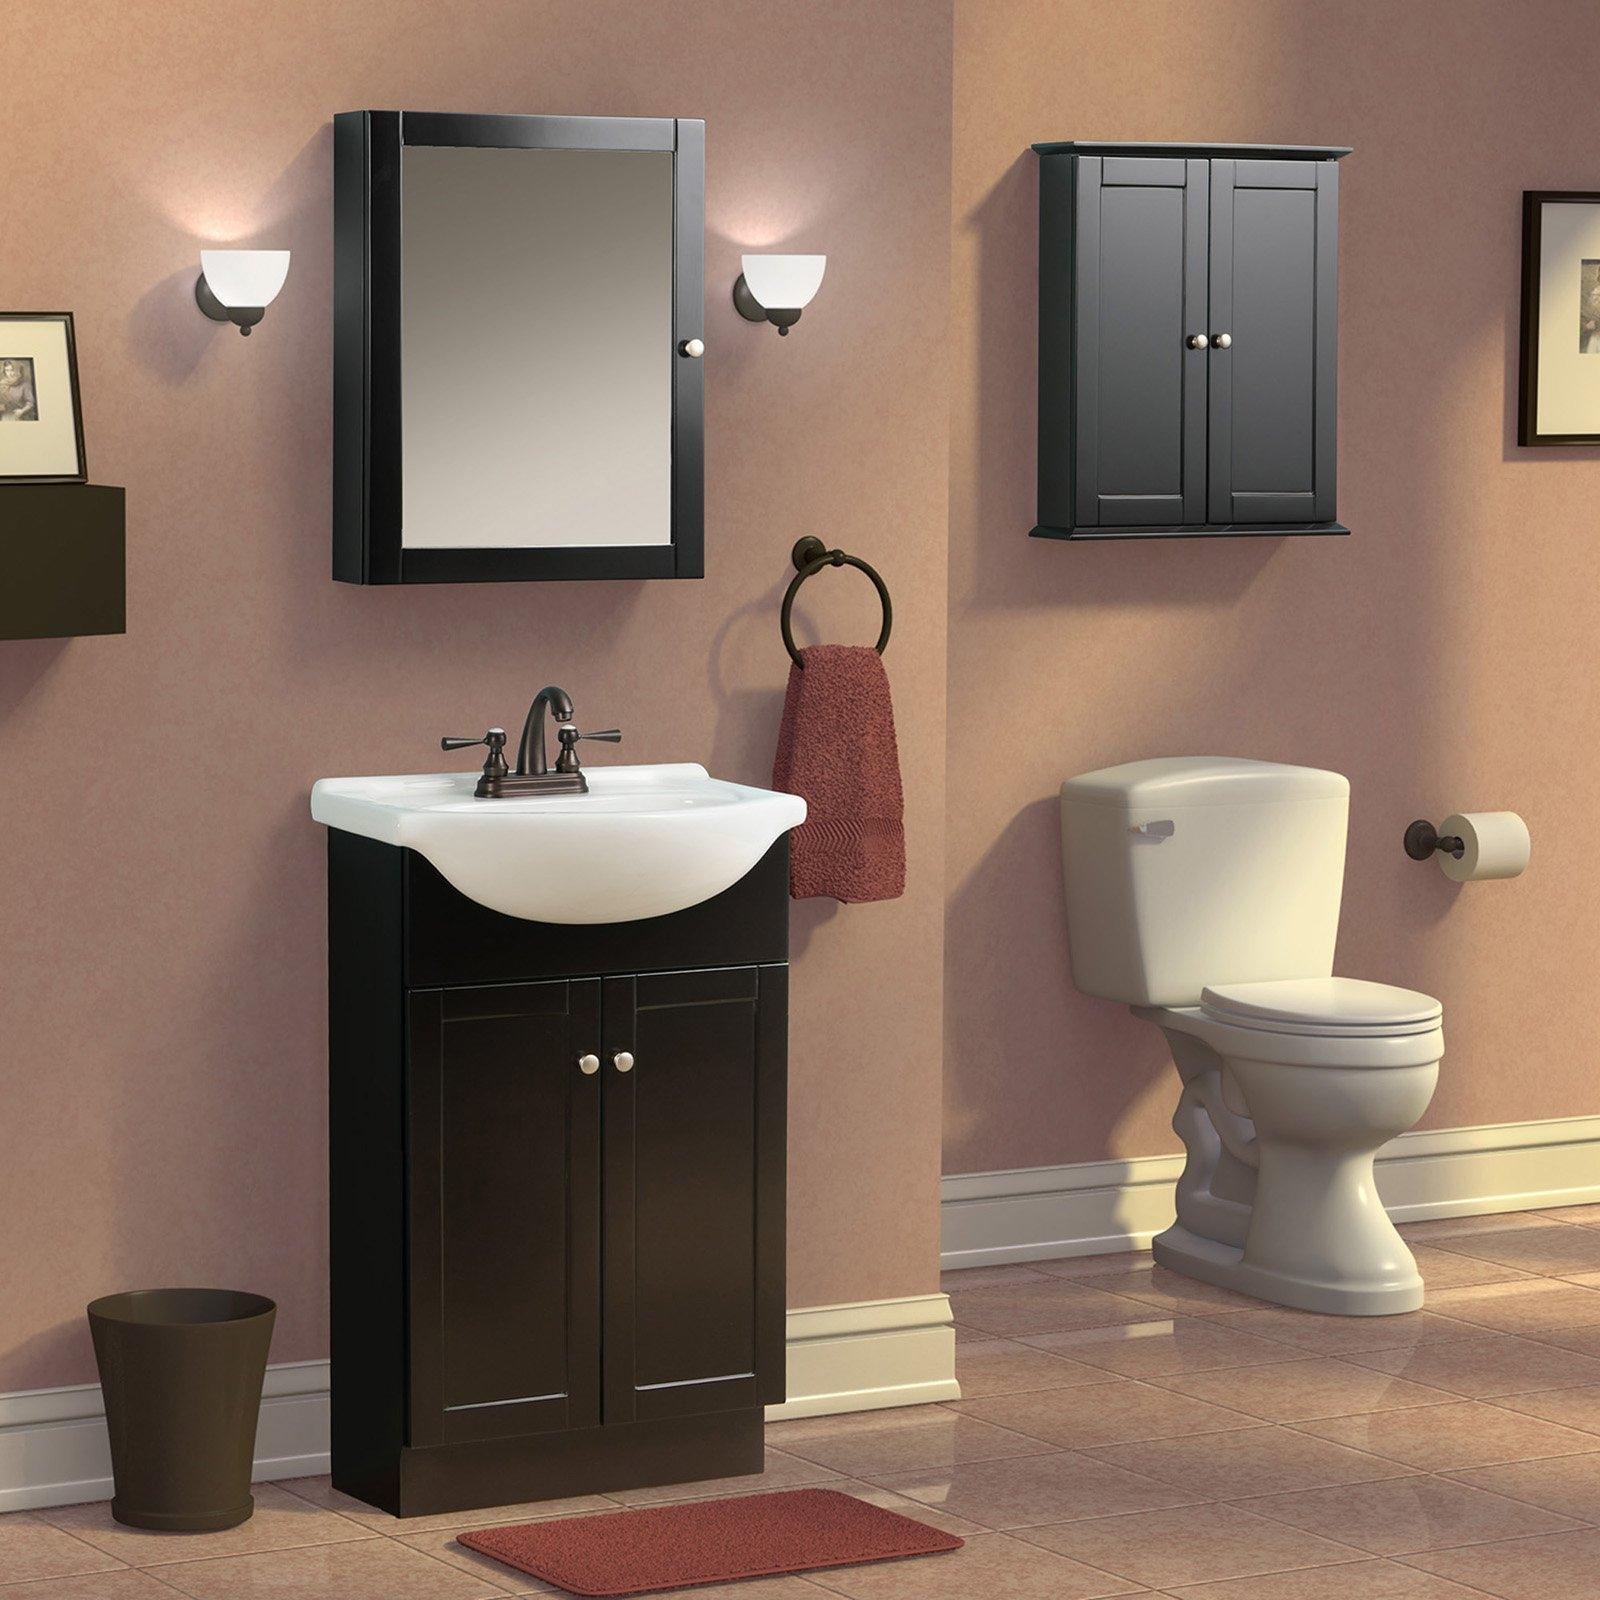 Espresso Bathroom Wall Mirror